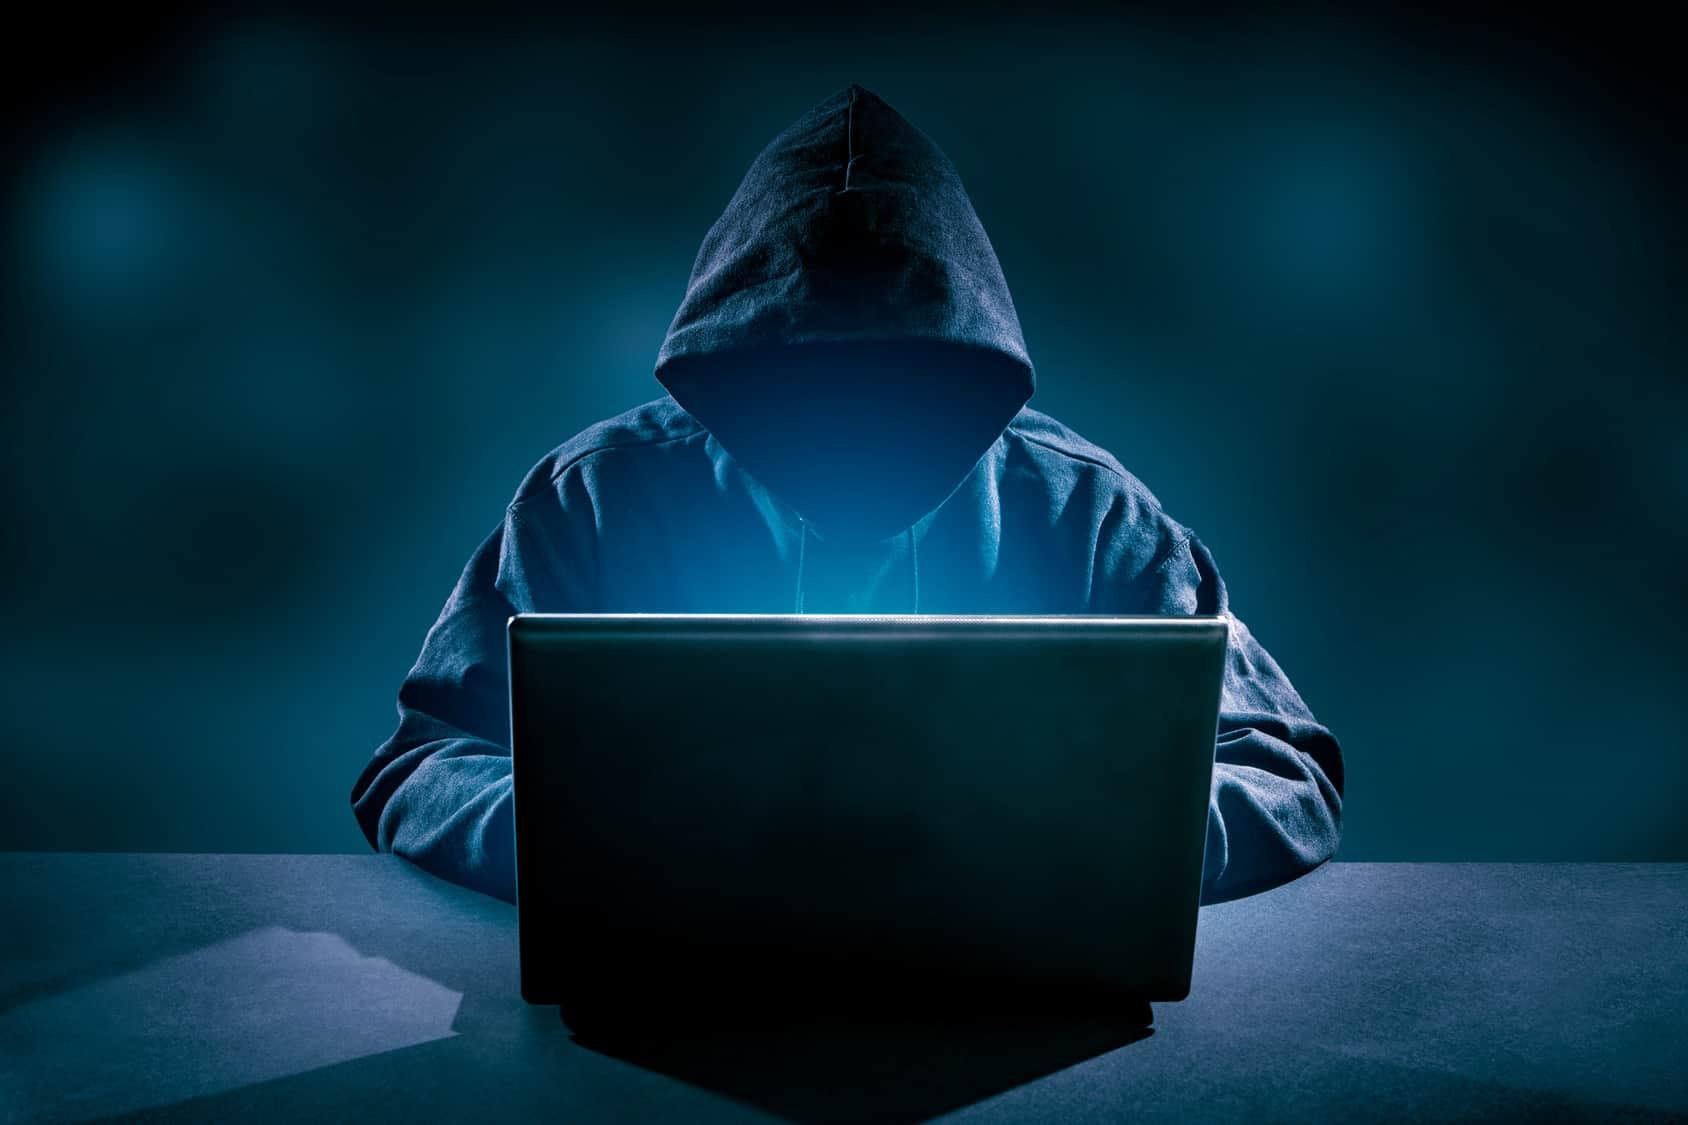 http://www.idet.org.mx/noticias/eleccion-dispara-50-el-riesgo-de-ciberataques-en-mexico-dicen-expertos/